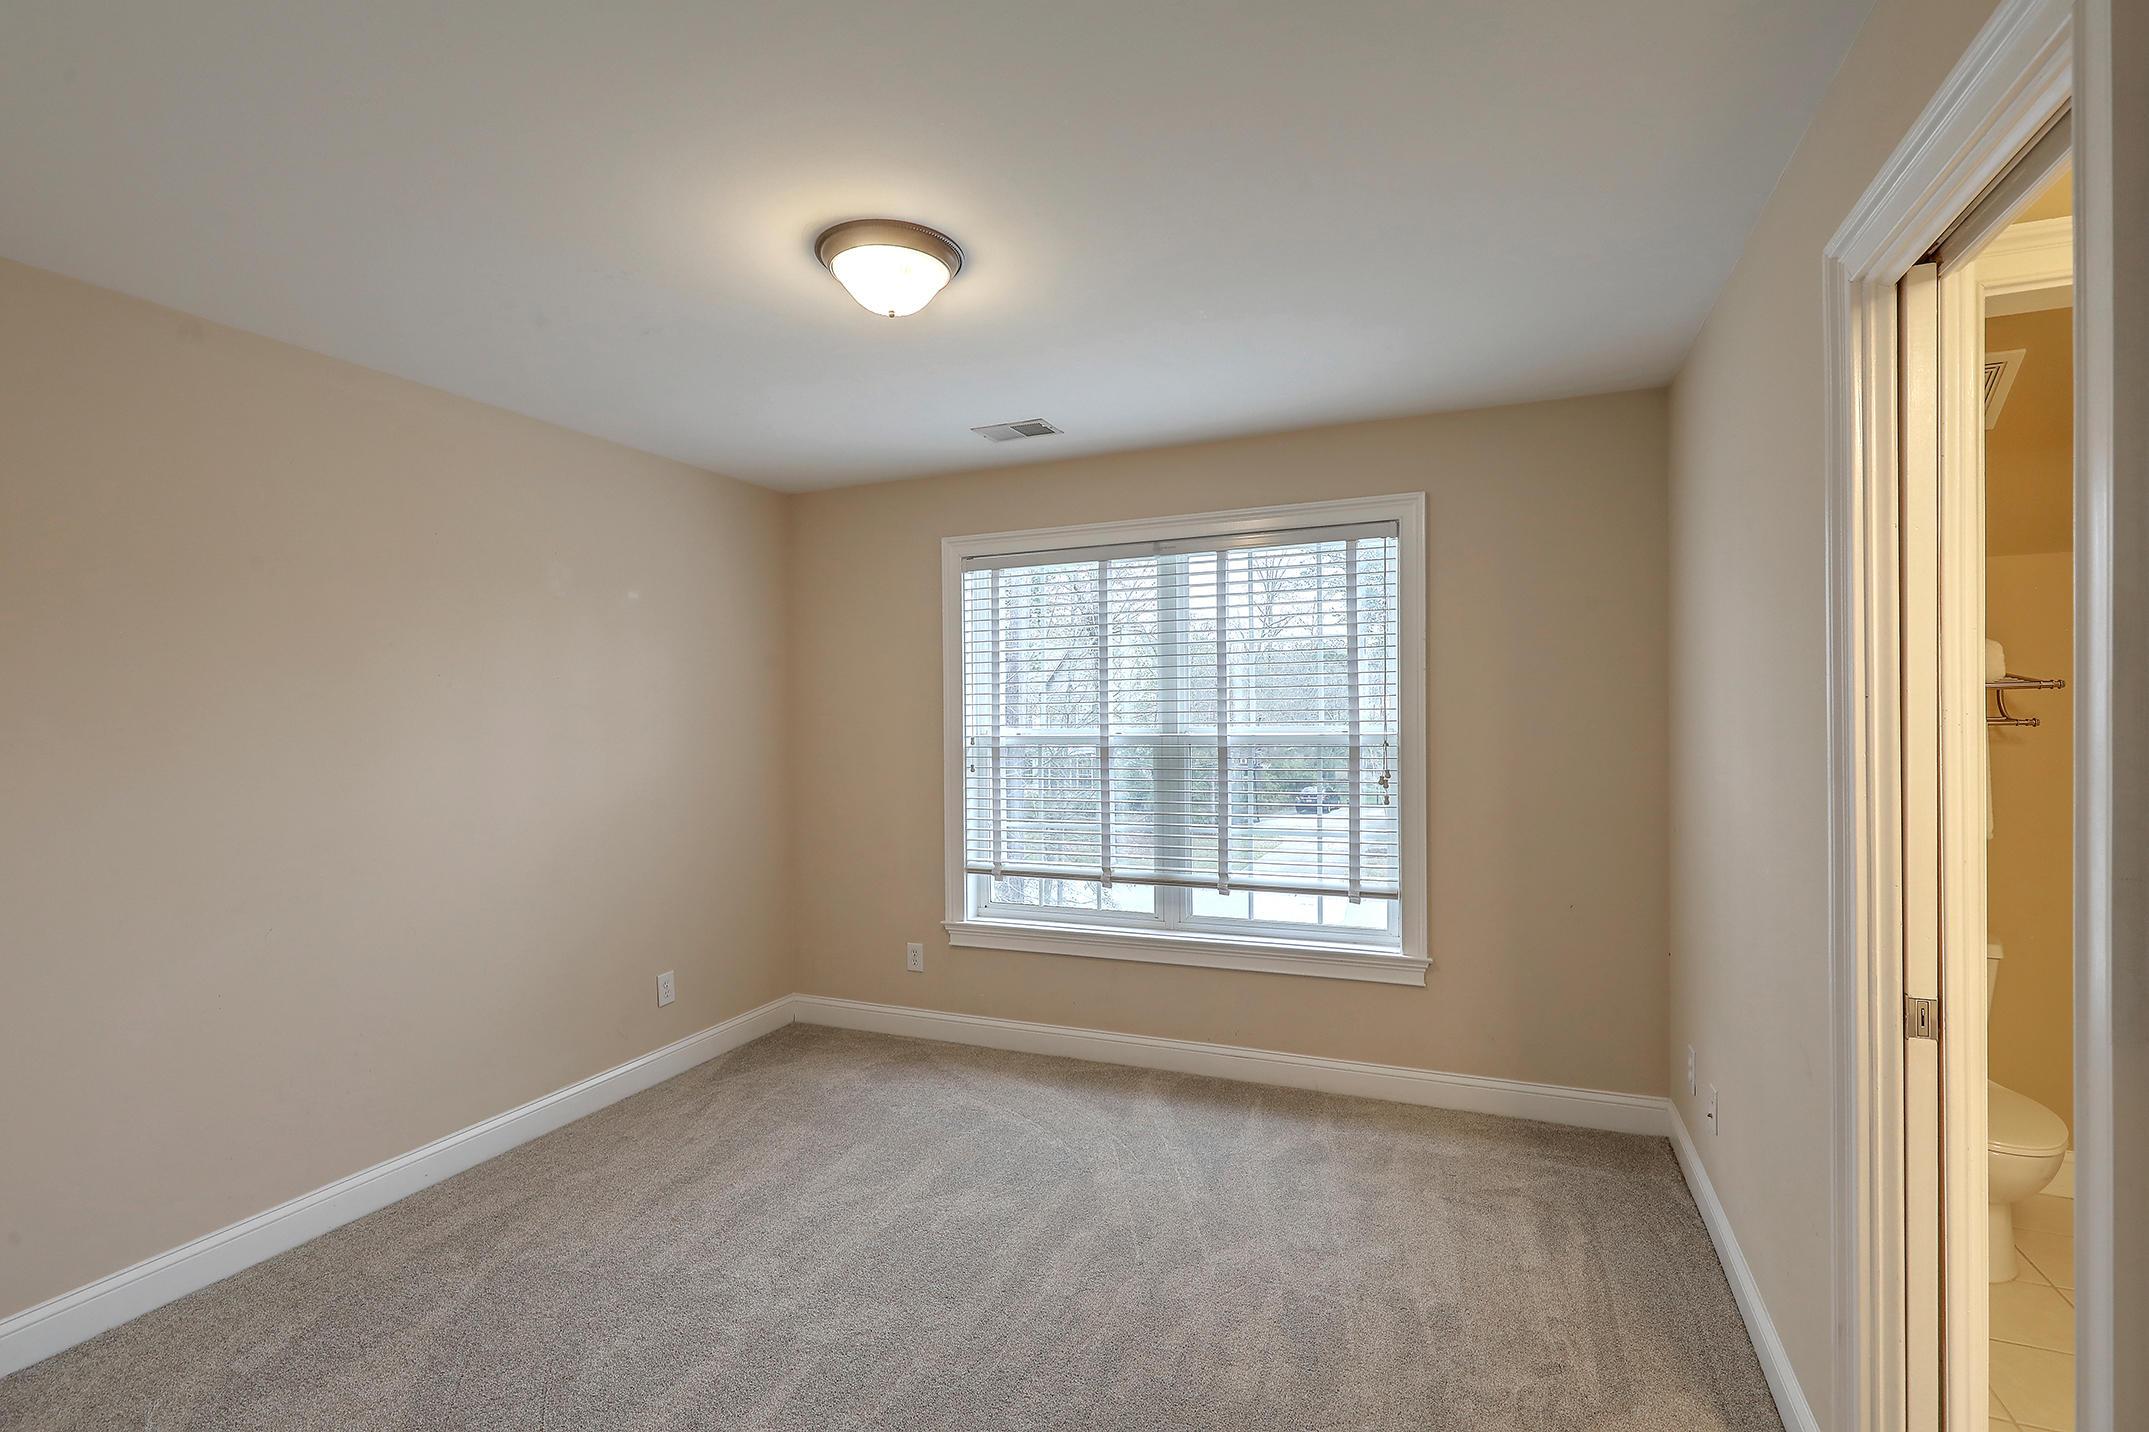 Dunes West Homes For Sale - 2817 Oak Manor, Mount Pleasant, SC - 39